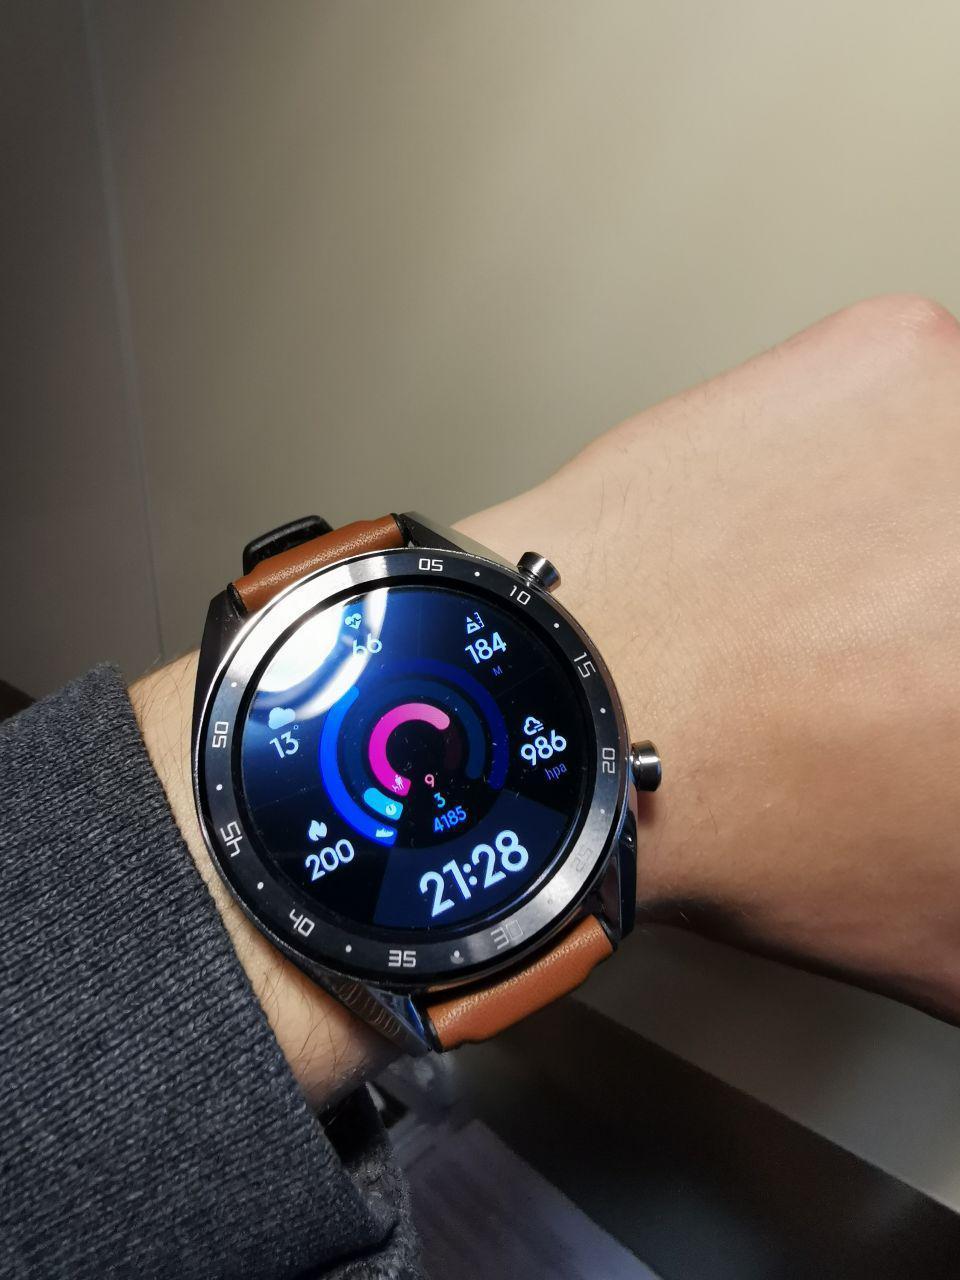 a6b07dd87529d Смарт-часы HUAWEI Watch GT Сlassic Silver (55023257) фотография 1 от  пользователя Oleksandr